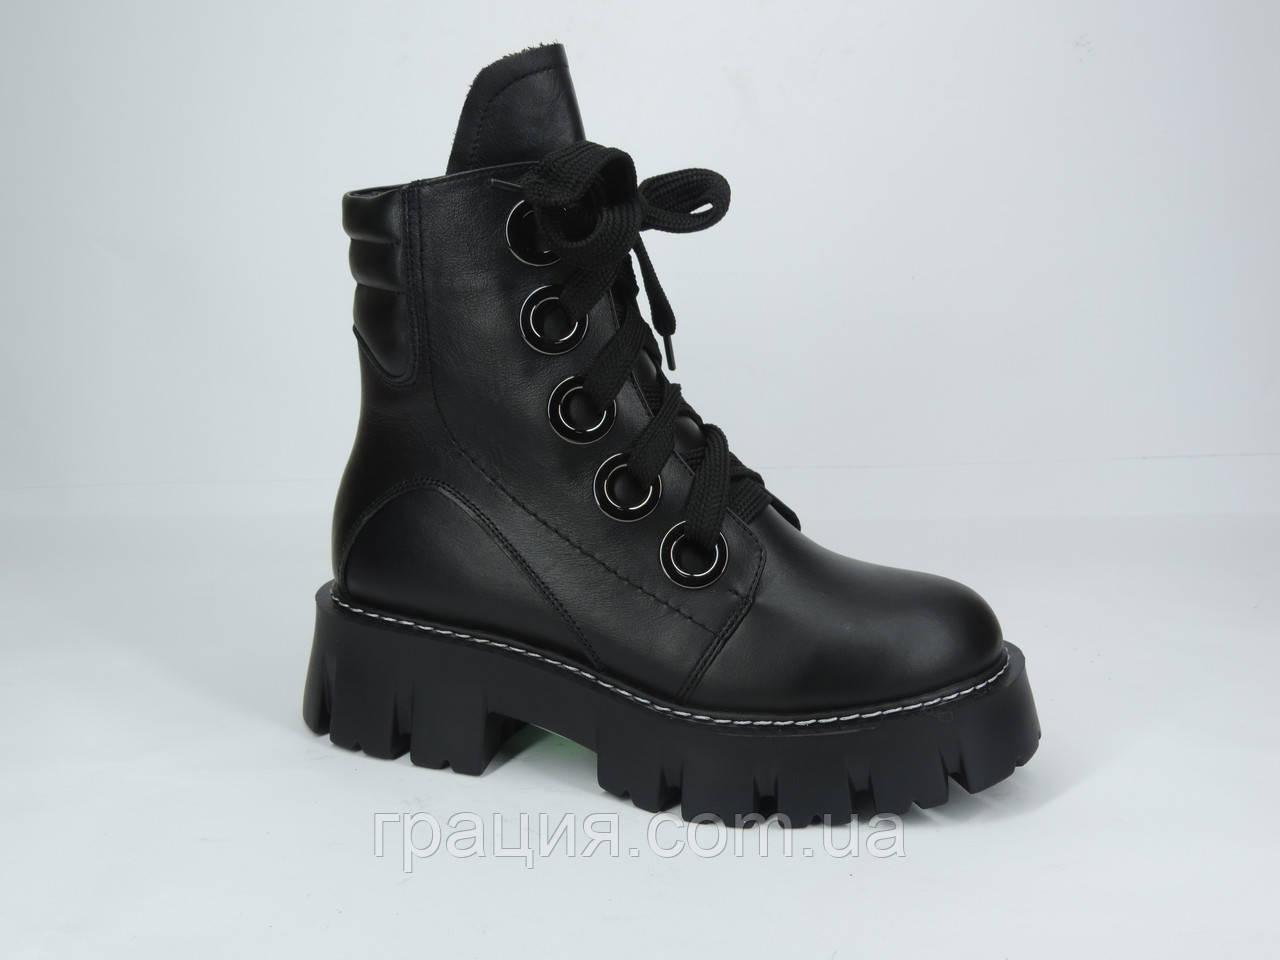 Модні жіночі шкіряні зимові черевики